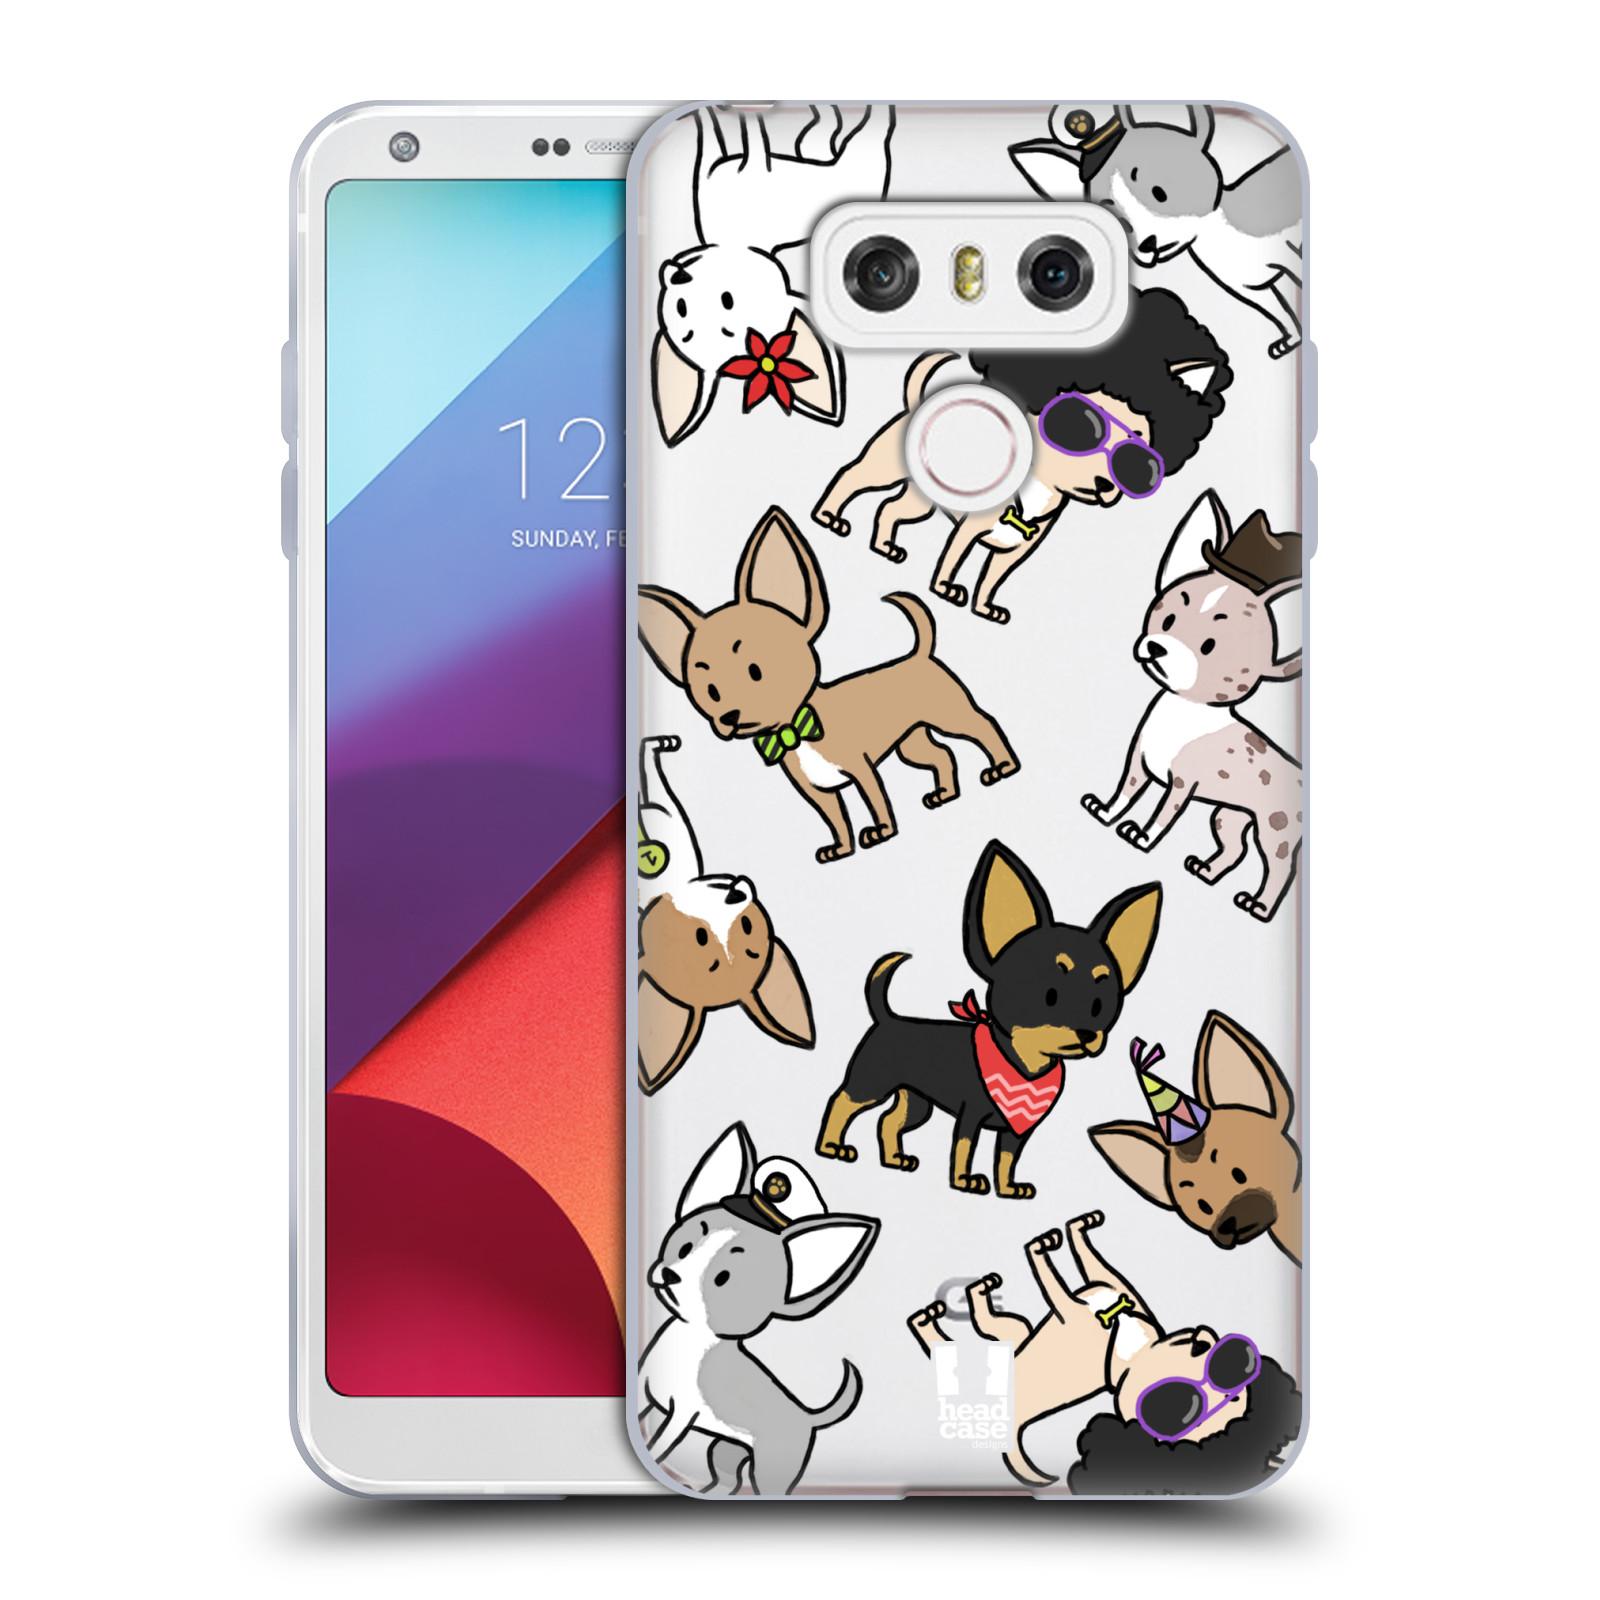 Silikonové pouzdro na mobil LG G6 - Head Case - Čivavy (Silikonový kryt či obal na mobilní telefon s motivem čivav pro LG G6 H870 / LG G6 Dual SIM H870DS)